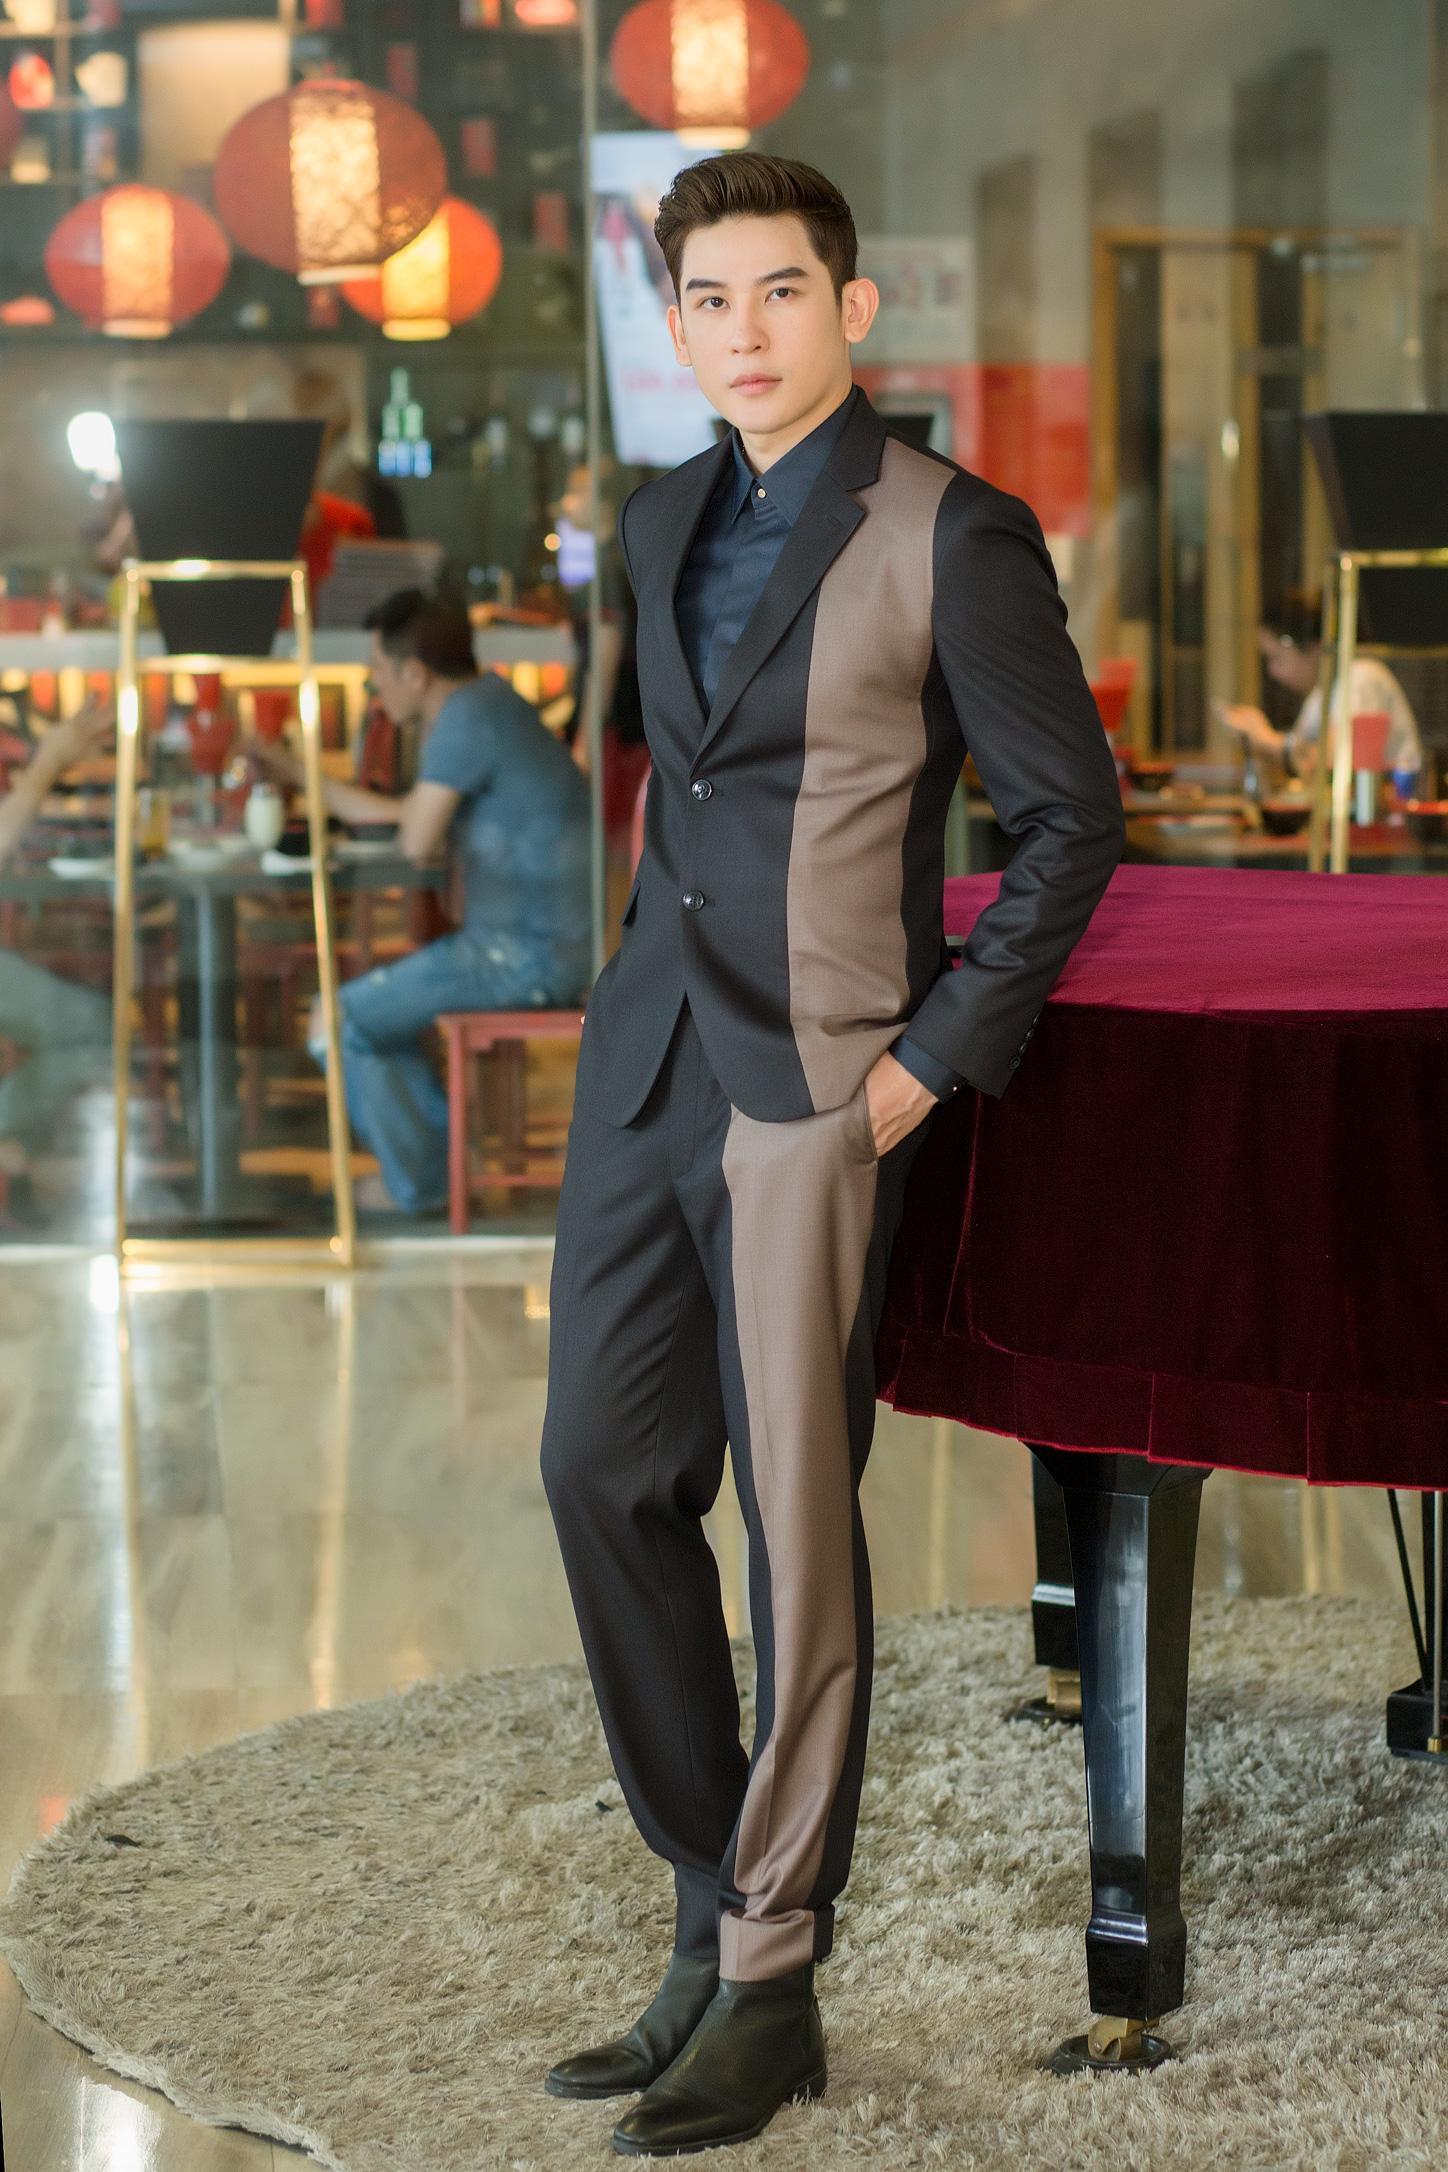 Siêu mẫu Minh Trung được bổ nhiệm làm giám đốc quốc gia Mister Supranational - Ảnh 10.